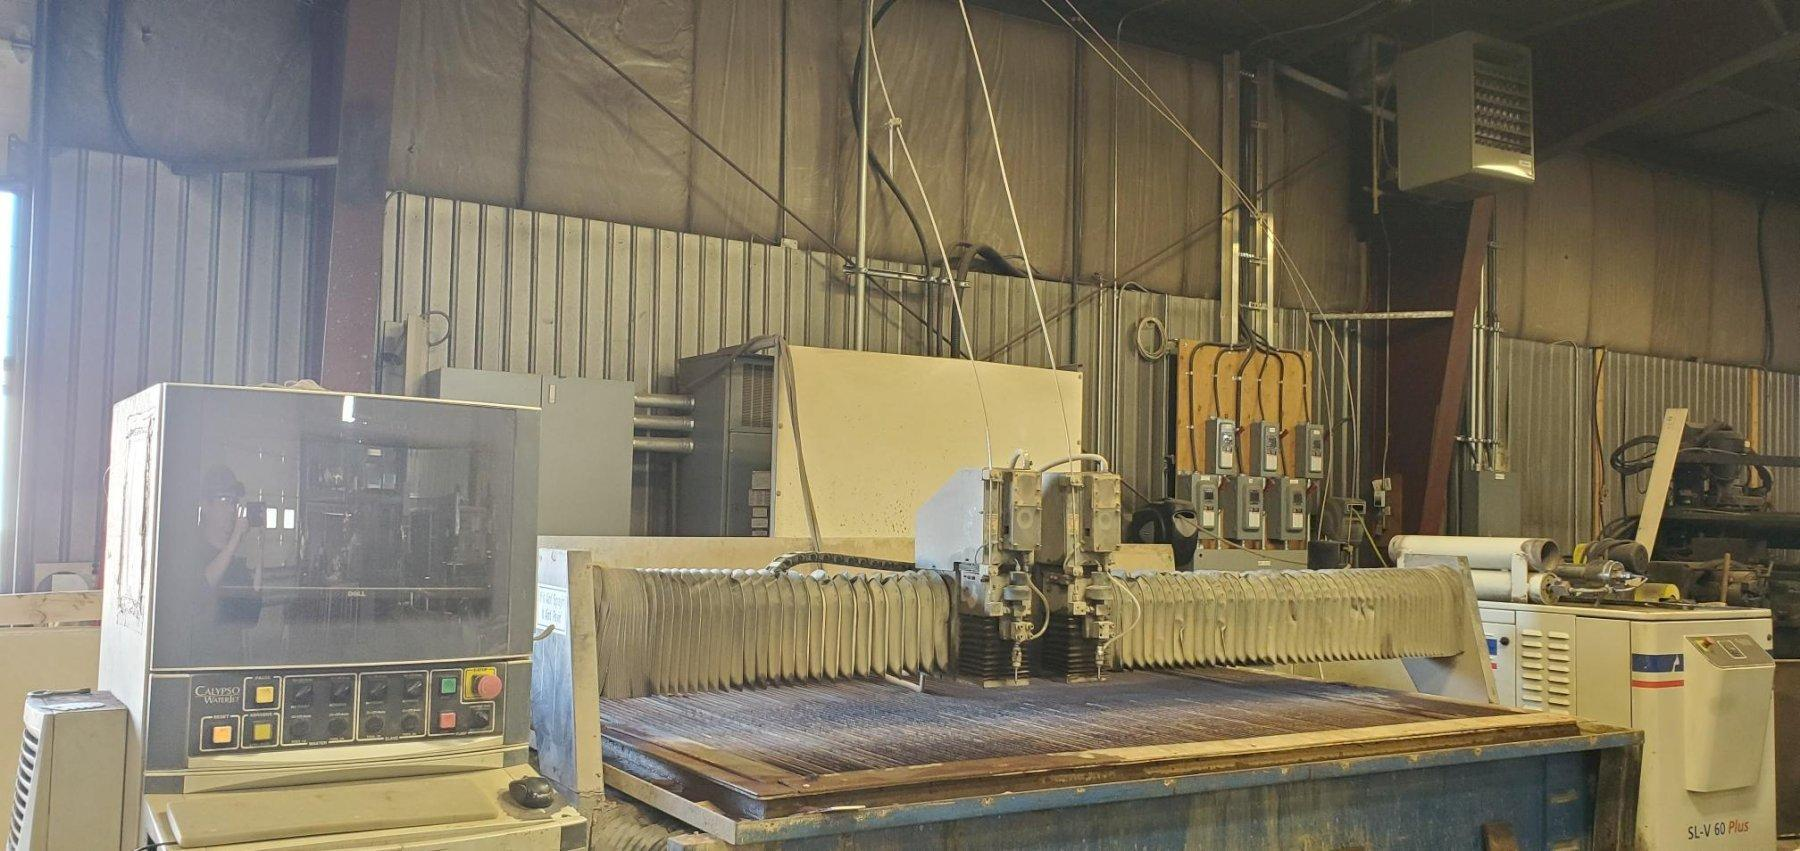 Calypso Hammerhead 5' x 10' Dual Head Waterjet, 2006, SL-V KMT Pump, 60K PSI